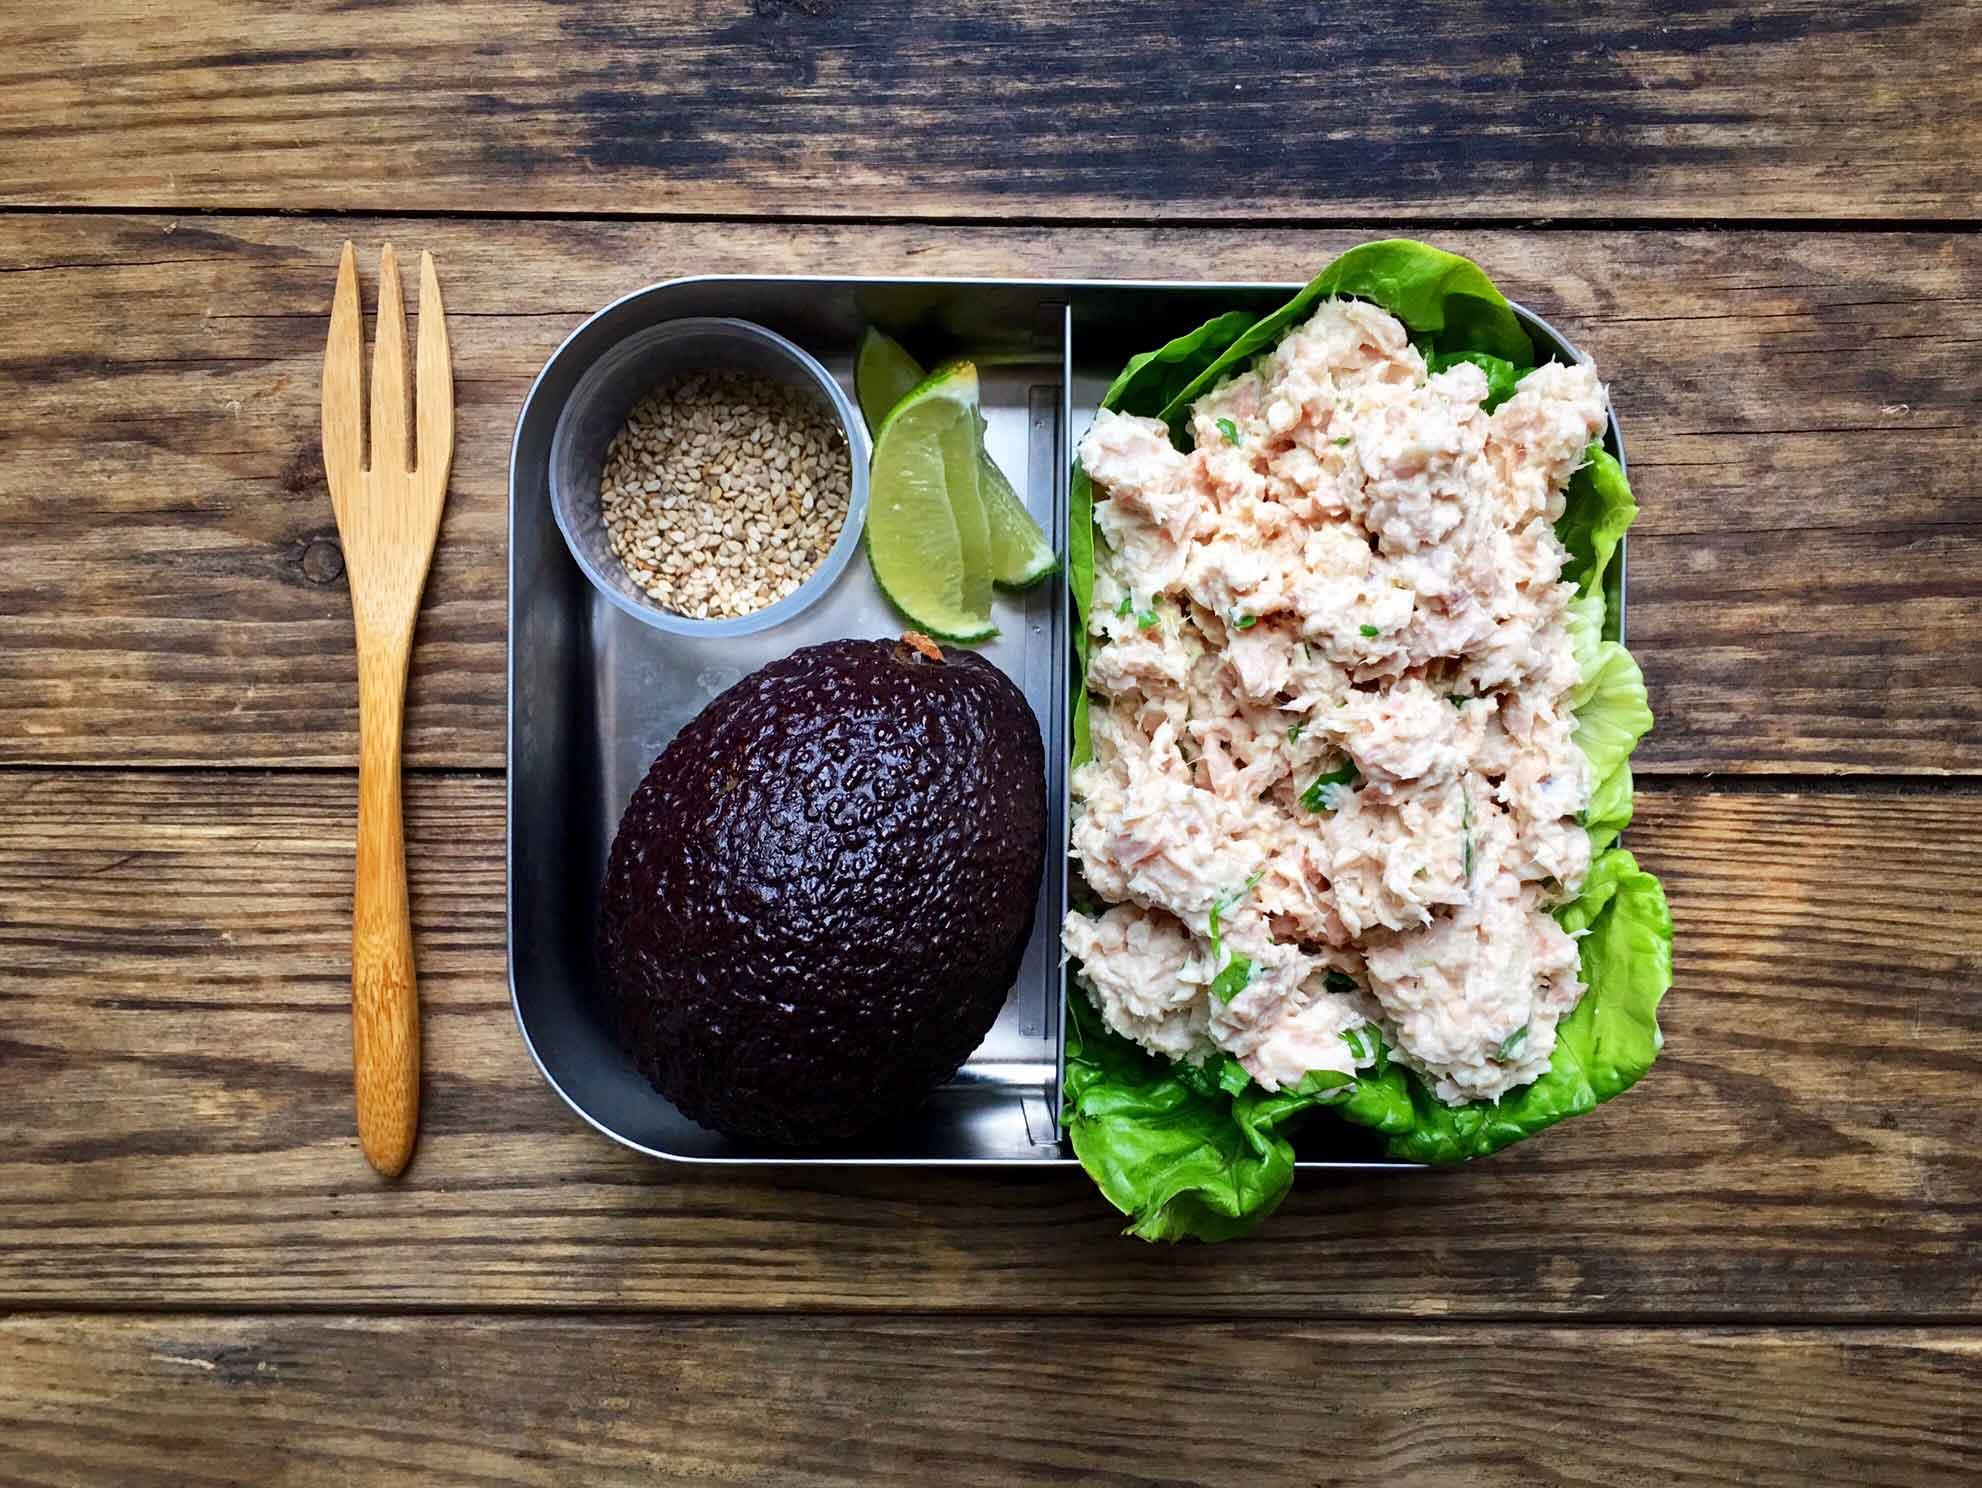 Tun i wasabi med avokado - nem madpakke-idé